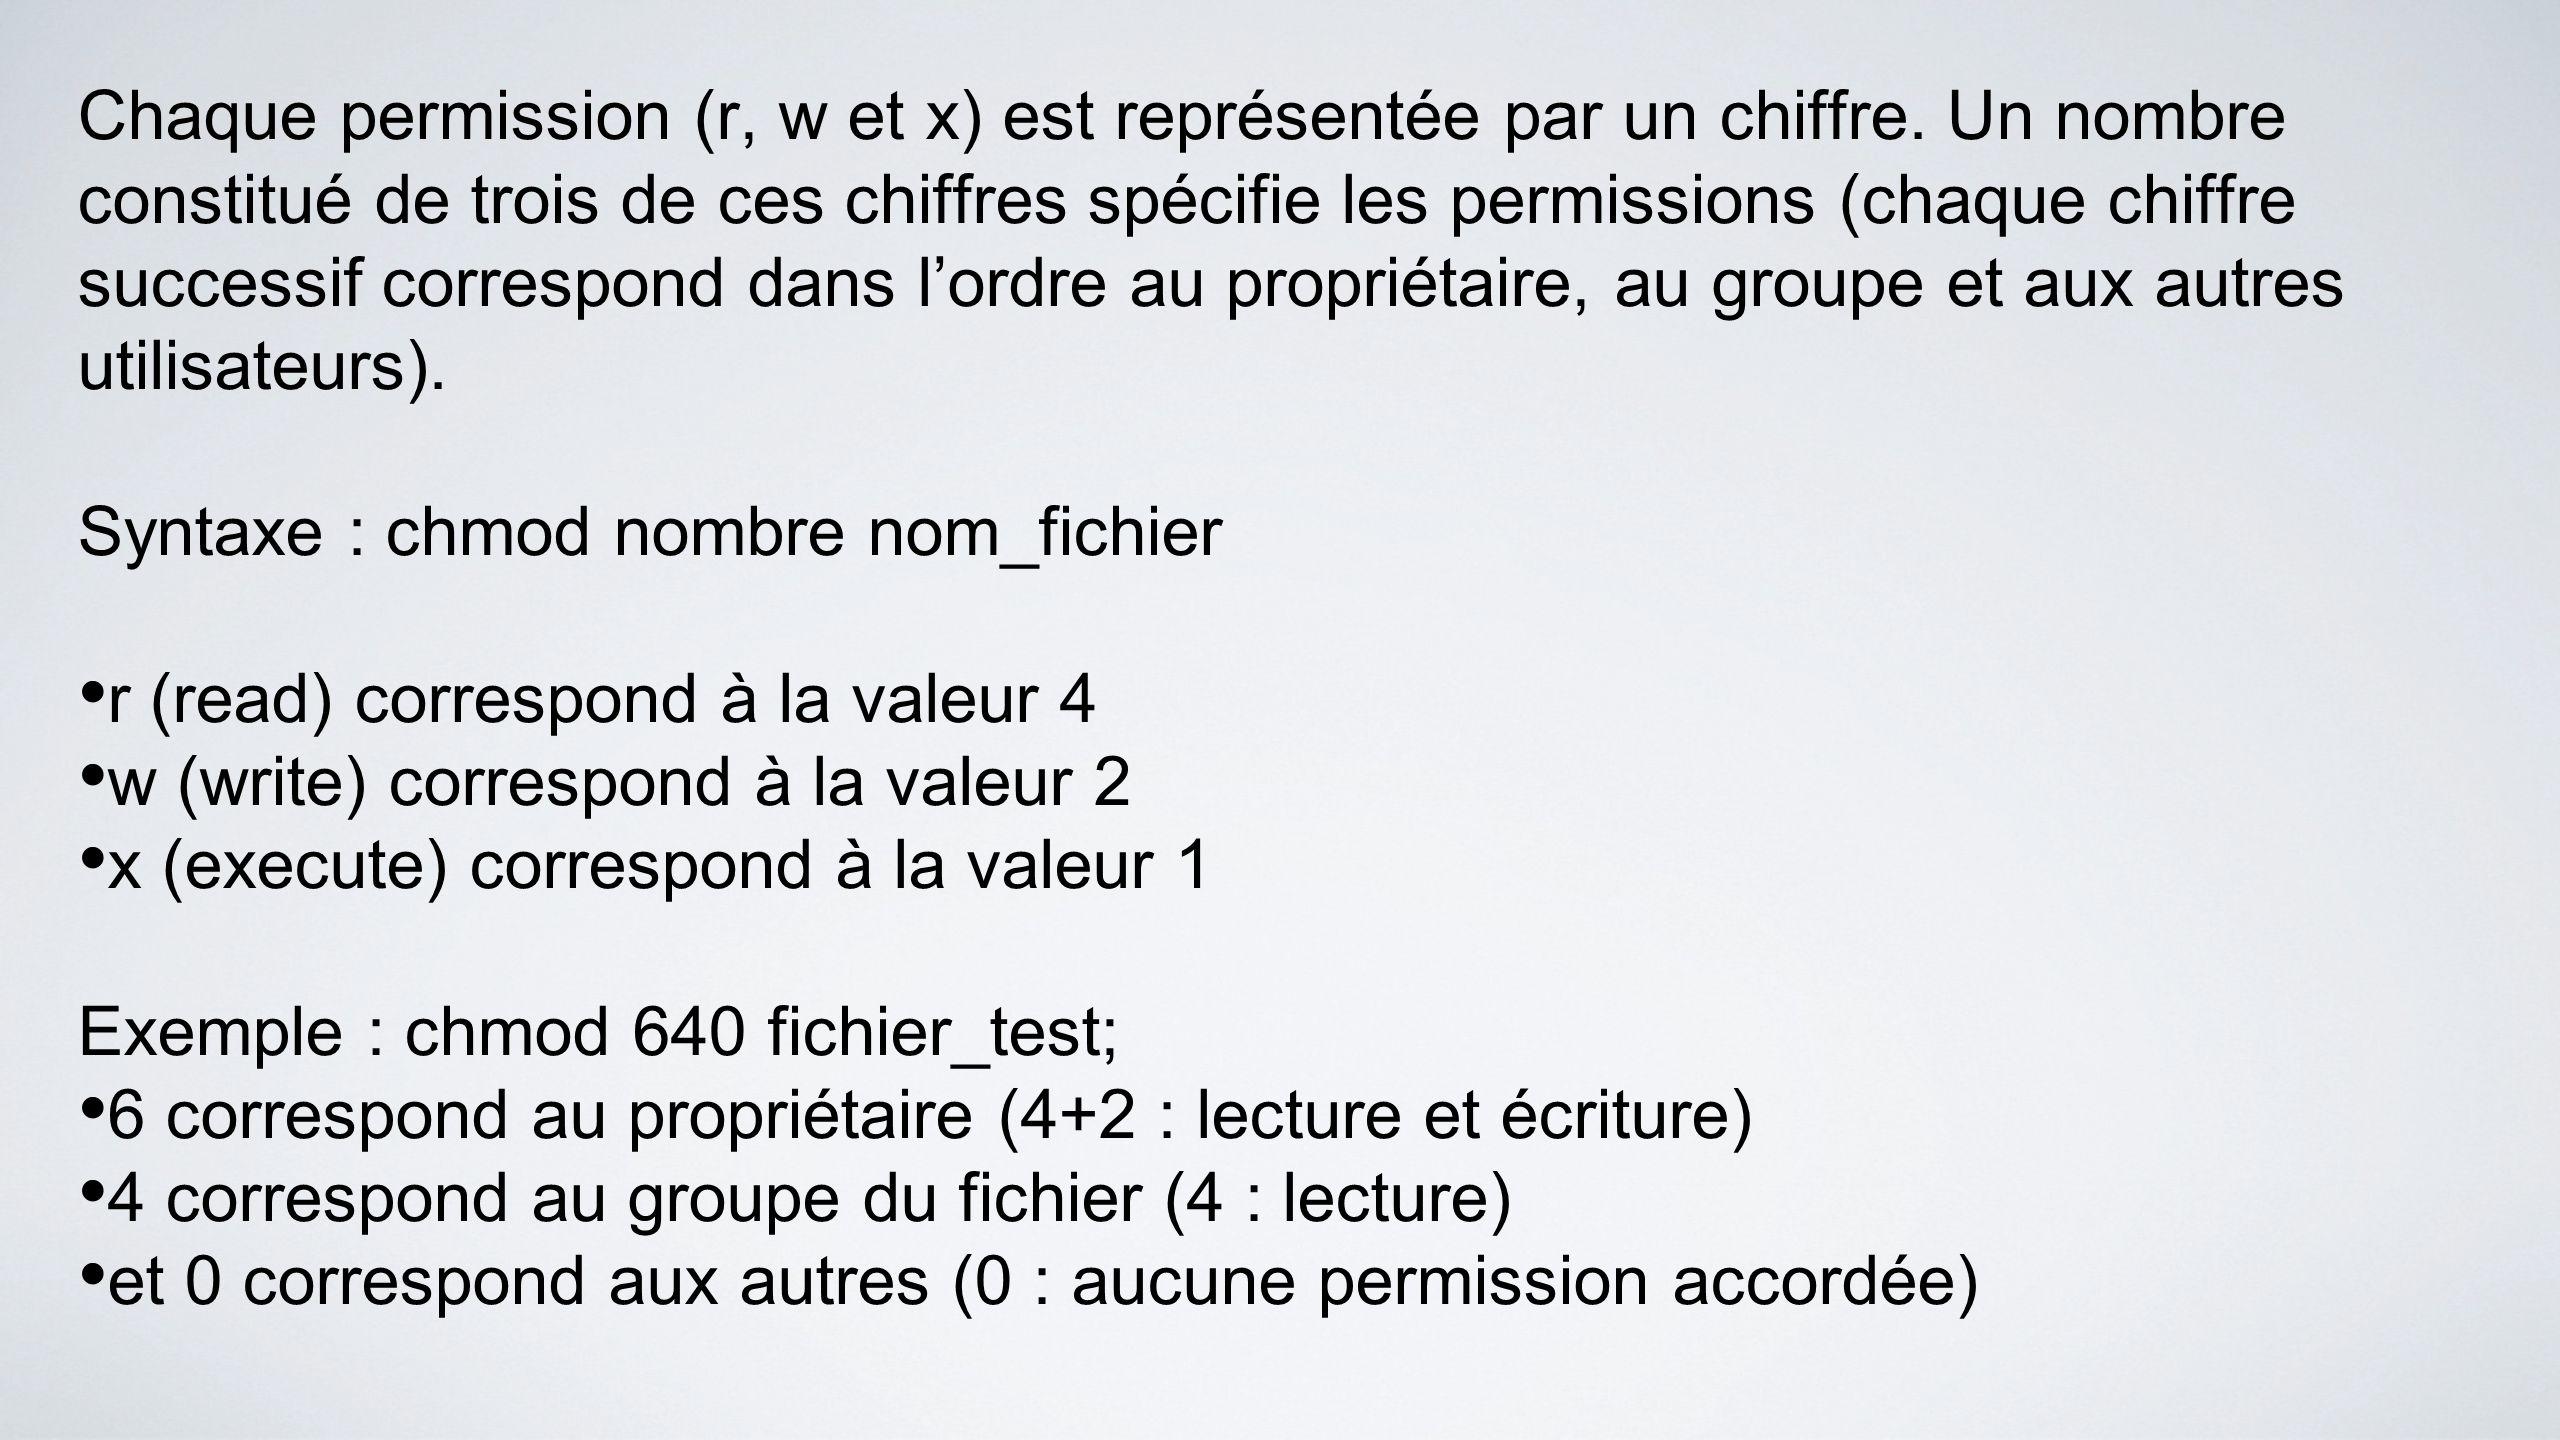 Chaque permission (r, w et x) est représentée par un chiffre